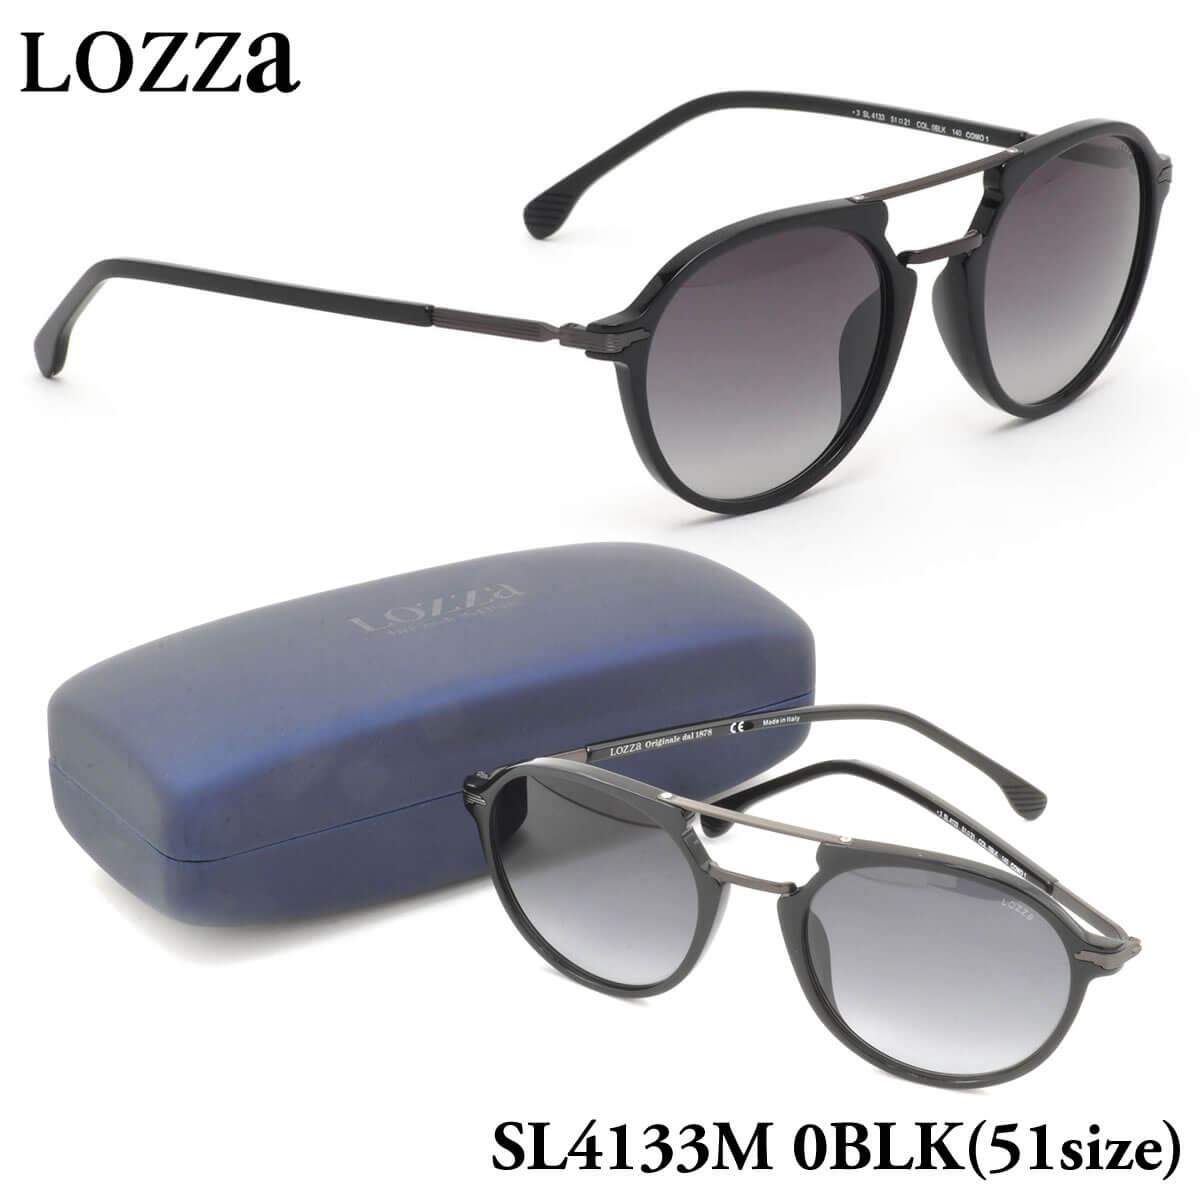 【10月30日からエントリーで全品ポイント20倍】【ロッツァ】 (LOZZA) サングラスSL4133M 0BLK 51サイズCOMO 1 LOZZA メンズ レディース